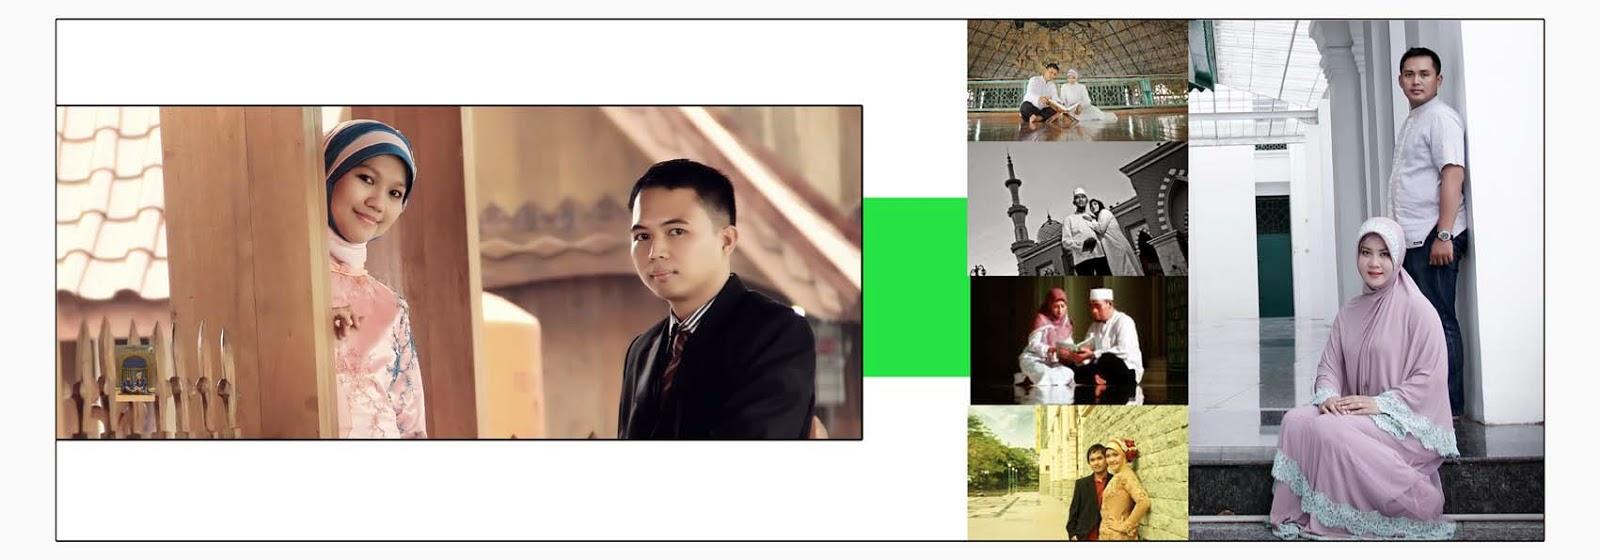 konsep pre wedding casual,konsep pre wedding modern,konsep pre wedding 2014,konsep pre wedding di pantai,konsep pre wedding klasik dan unik,konsep pre wedding indoor,Konsep pre wedding Islami terbaru,